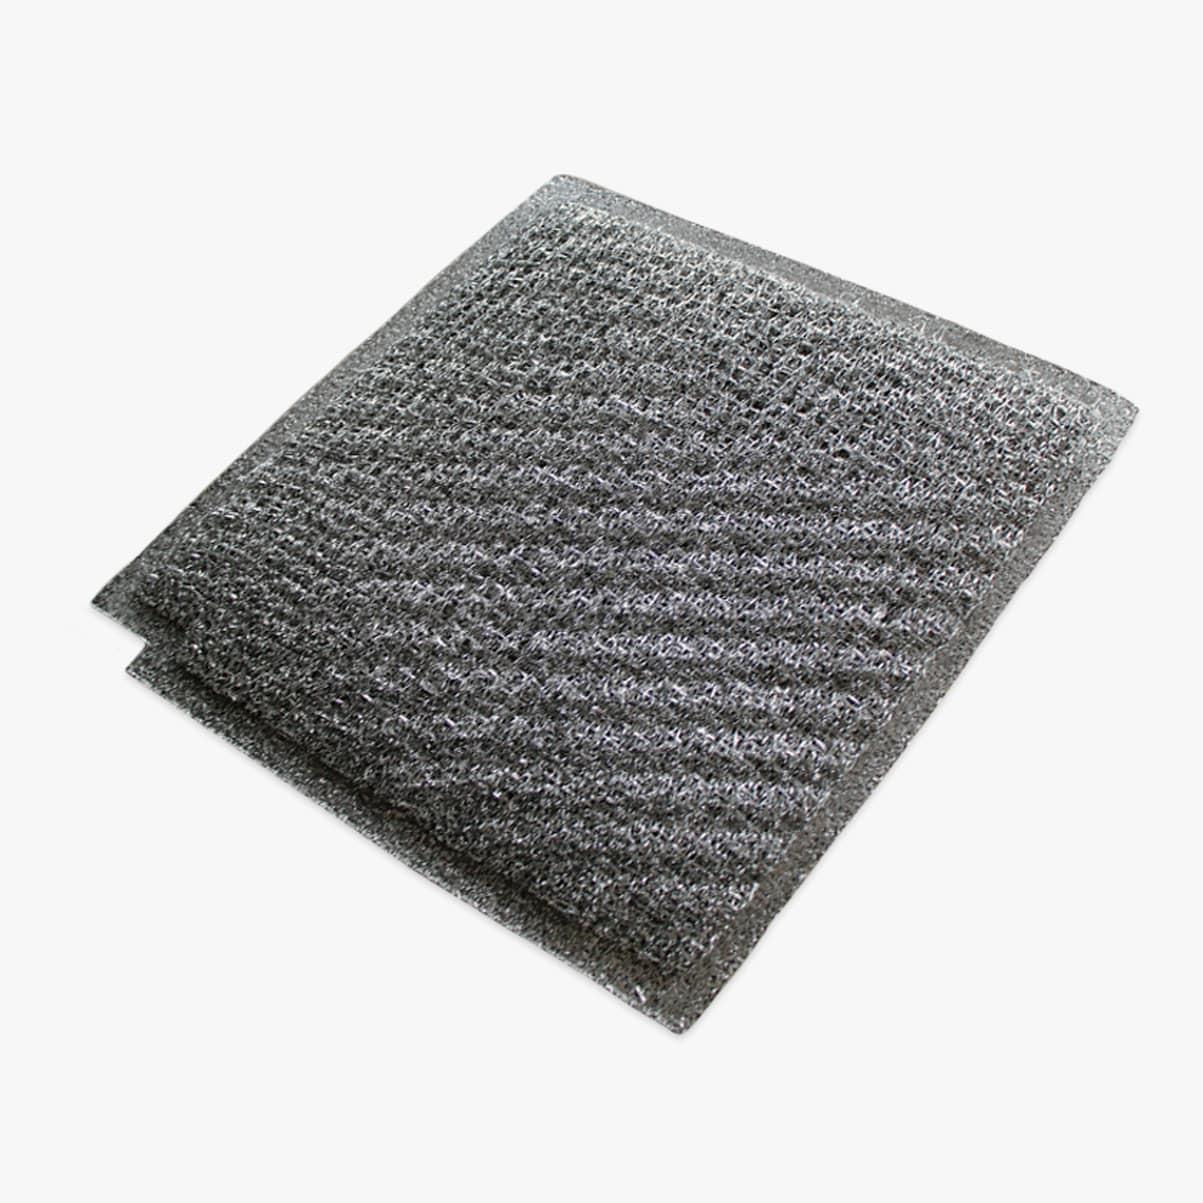 Närbild på trådfilter till köksfläktar från Fjäråskupan.